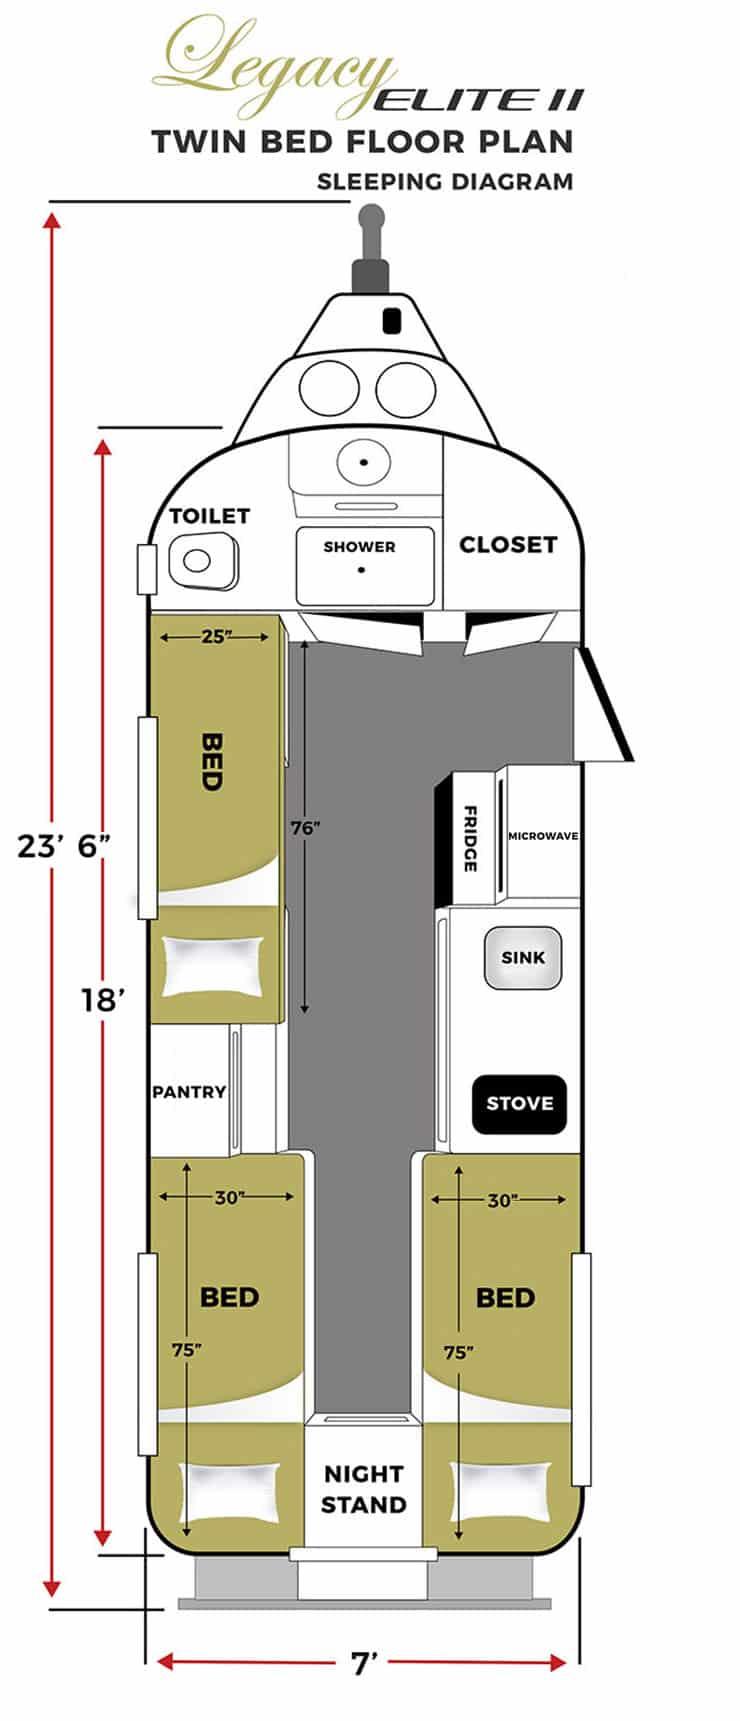 oliver travel trailers legacy elite 2 twin bed sleeping floor plan vertical